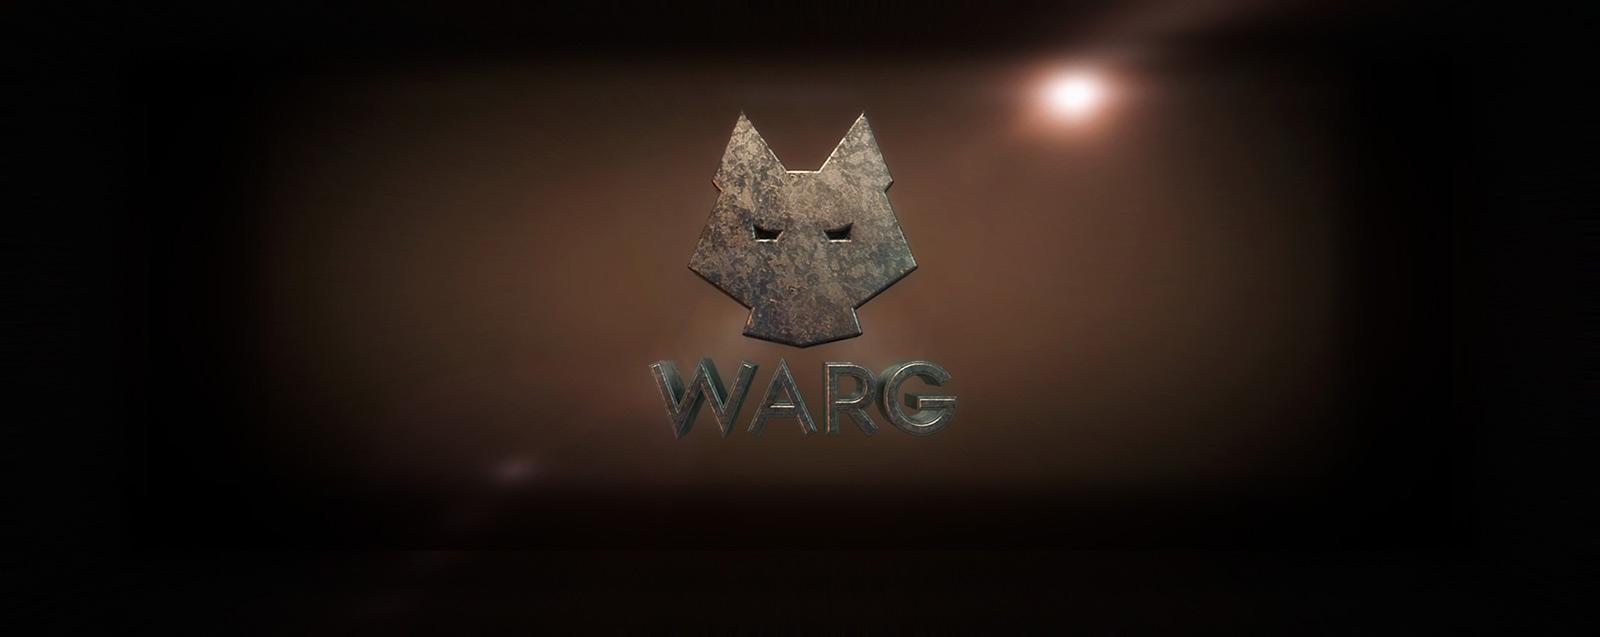 Warg Magic logo